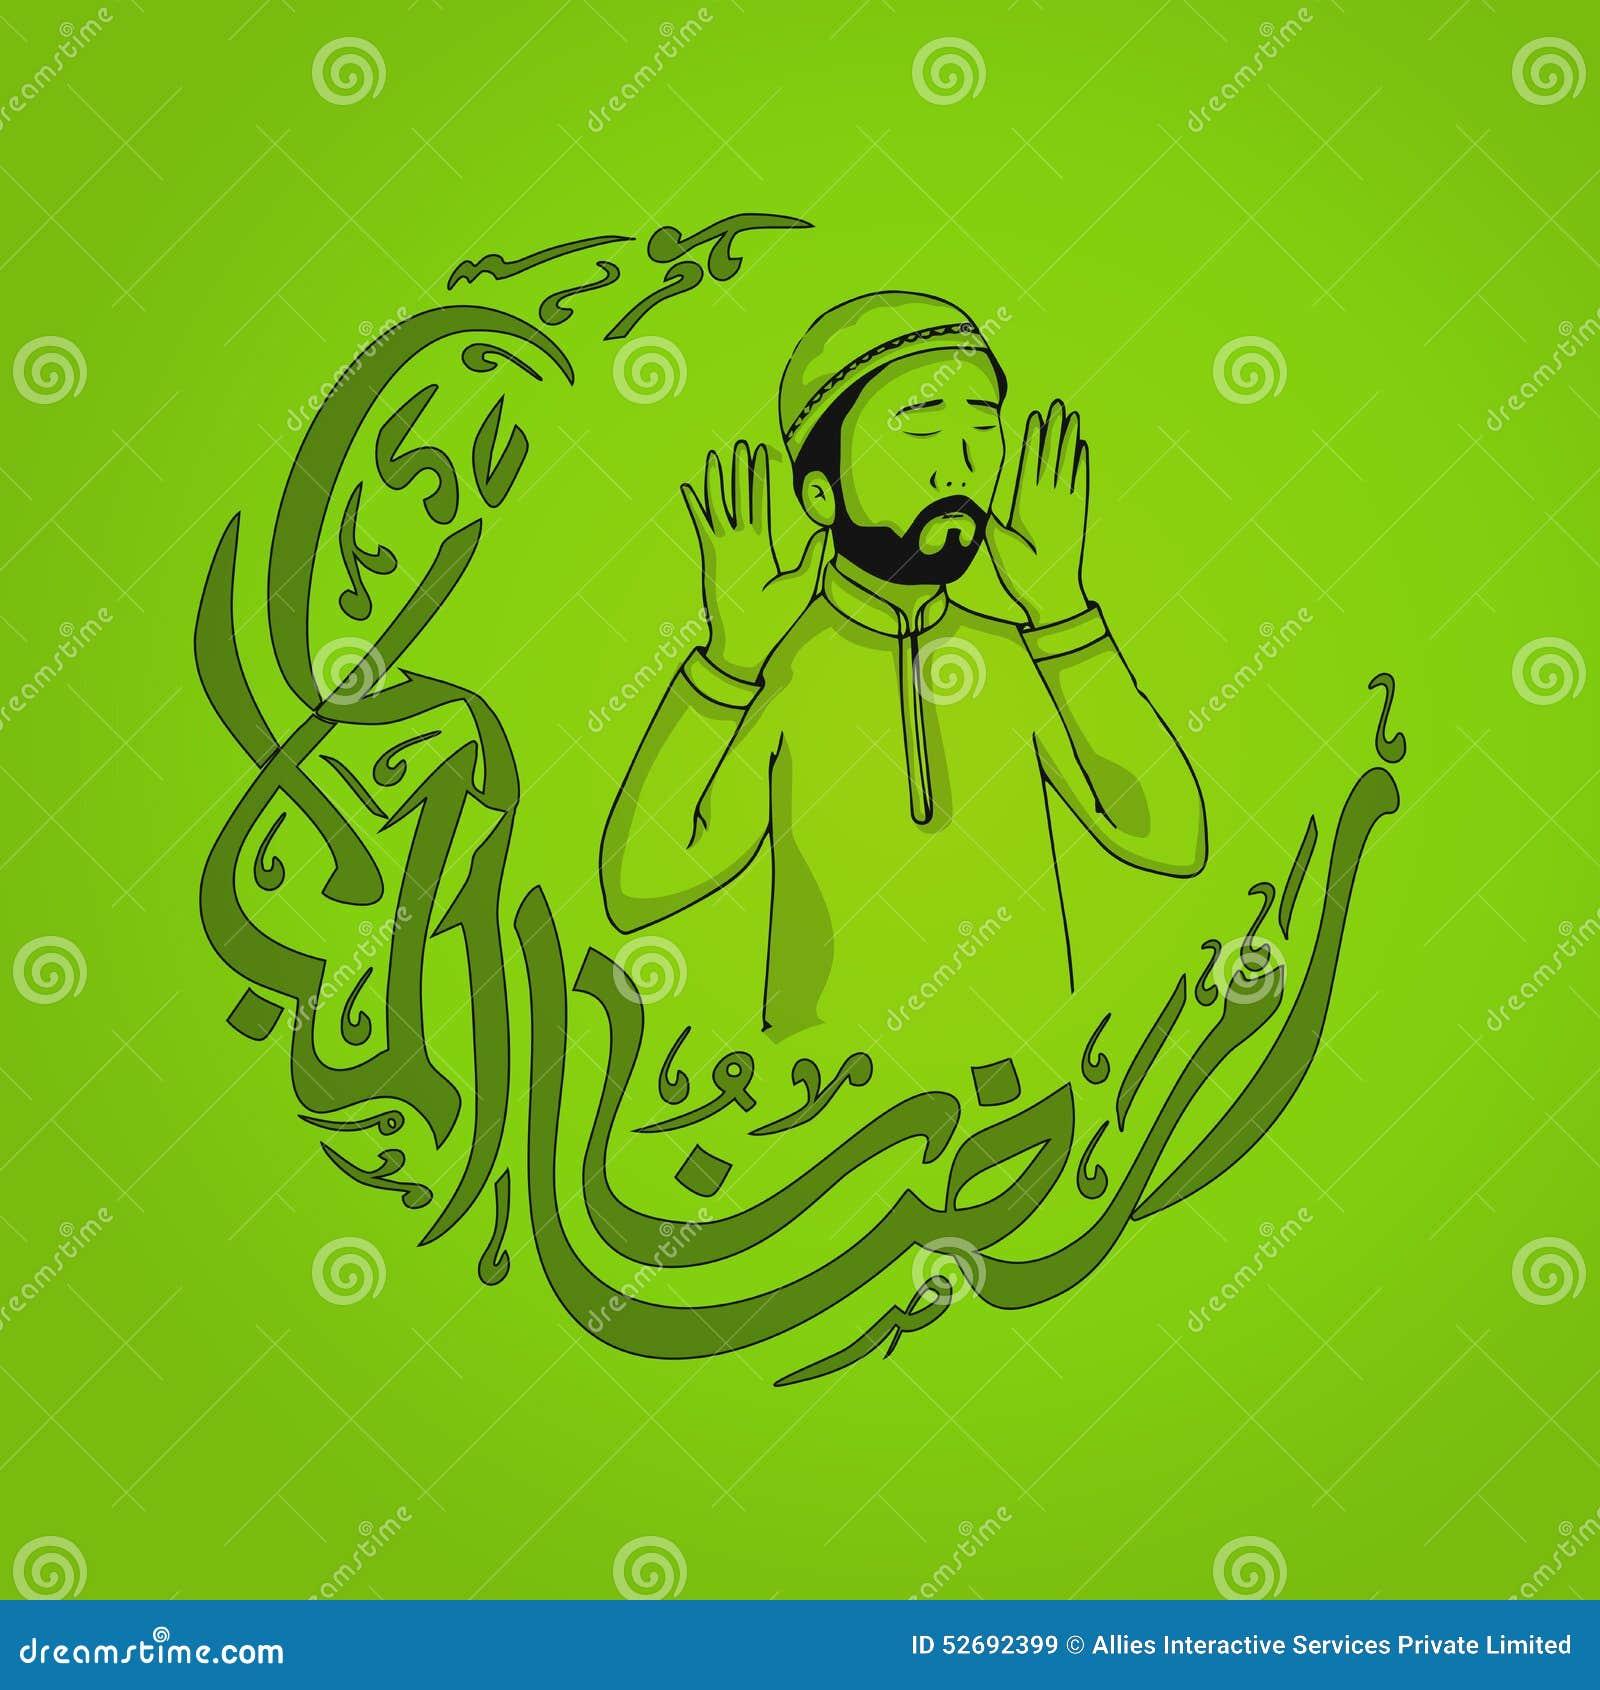 Arabic calligraphy or text ramazan ul mubarak with praying